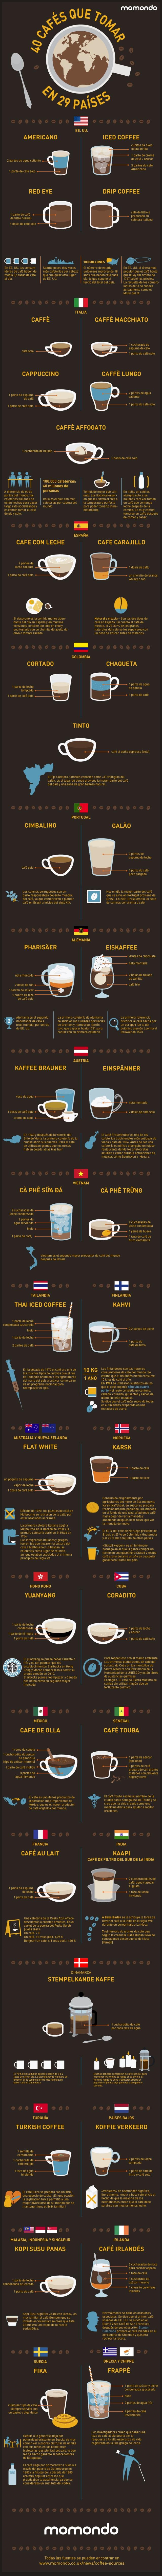 40 maneras diferentes de tomar café en el mundo